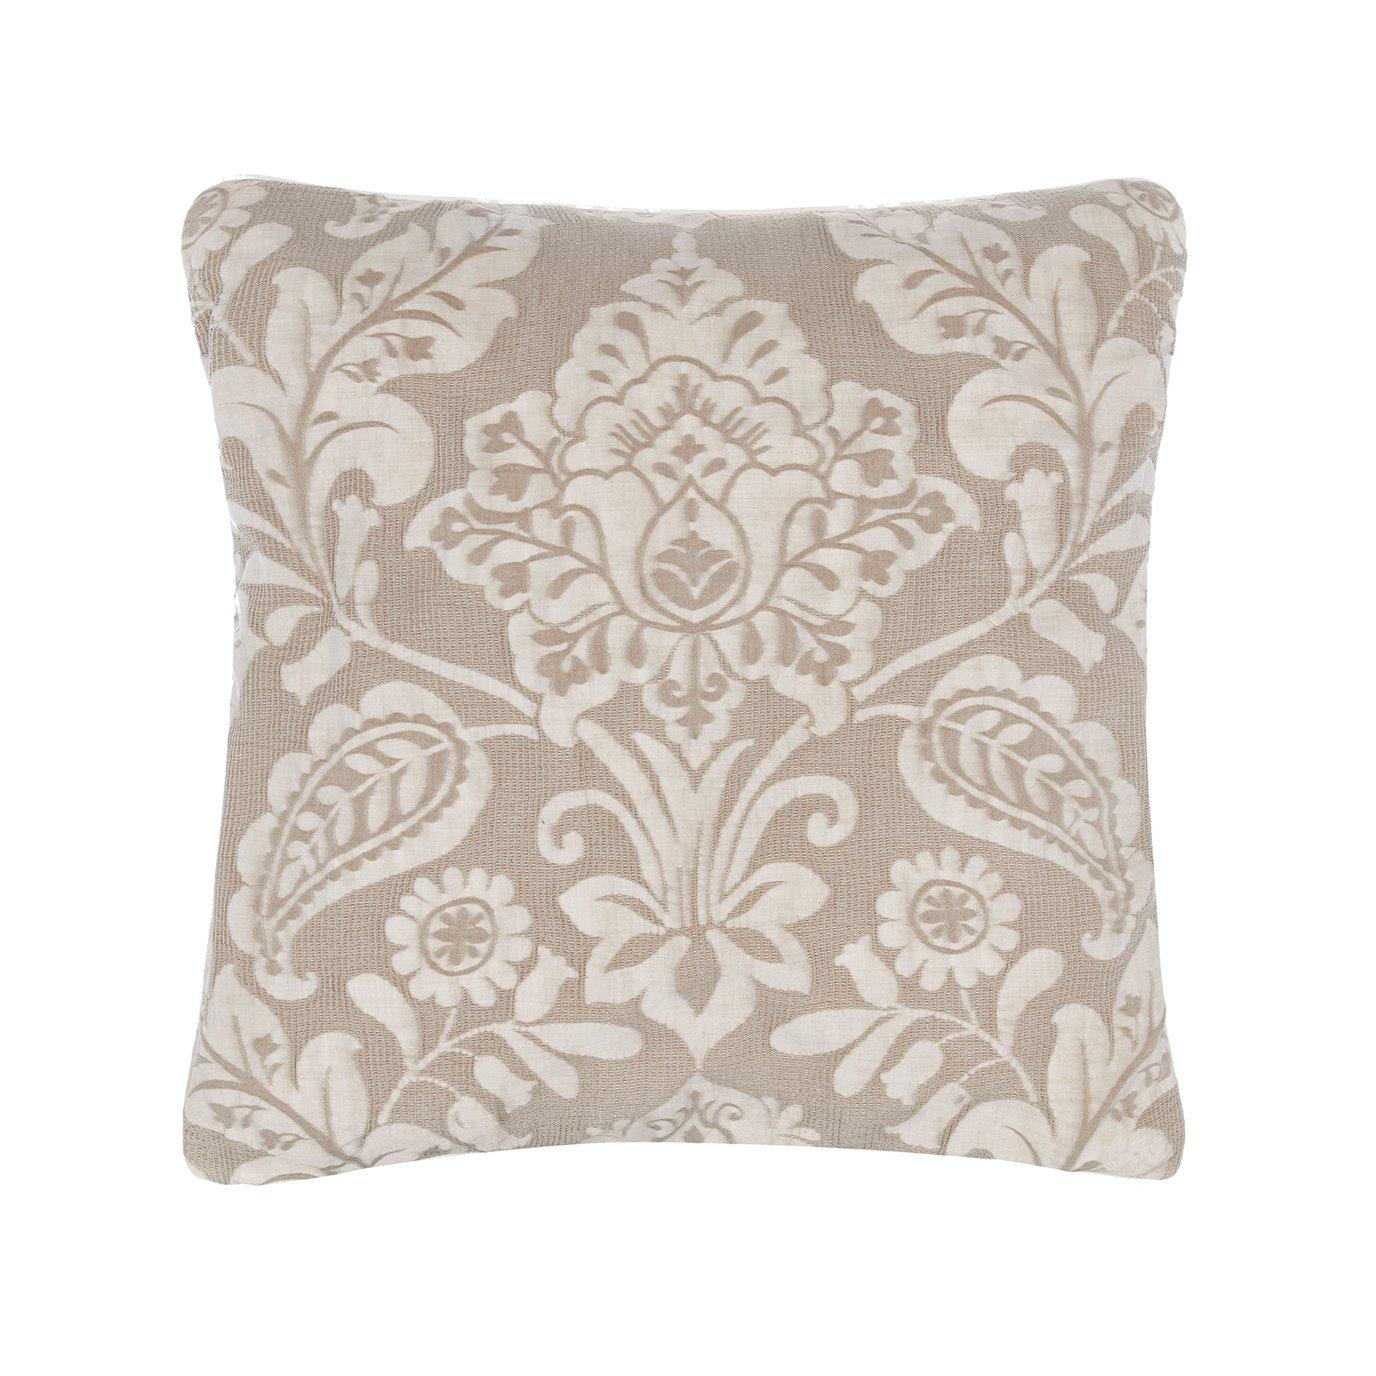 Croscill Grace Square Pillow 18X18